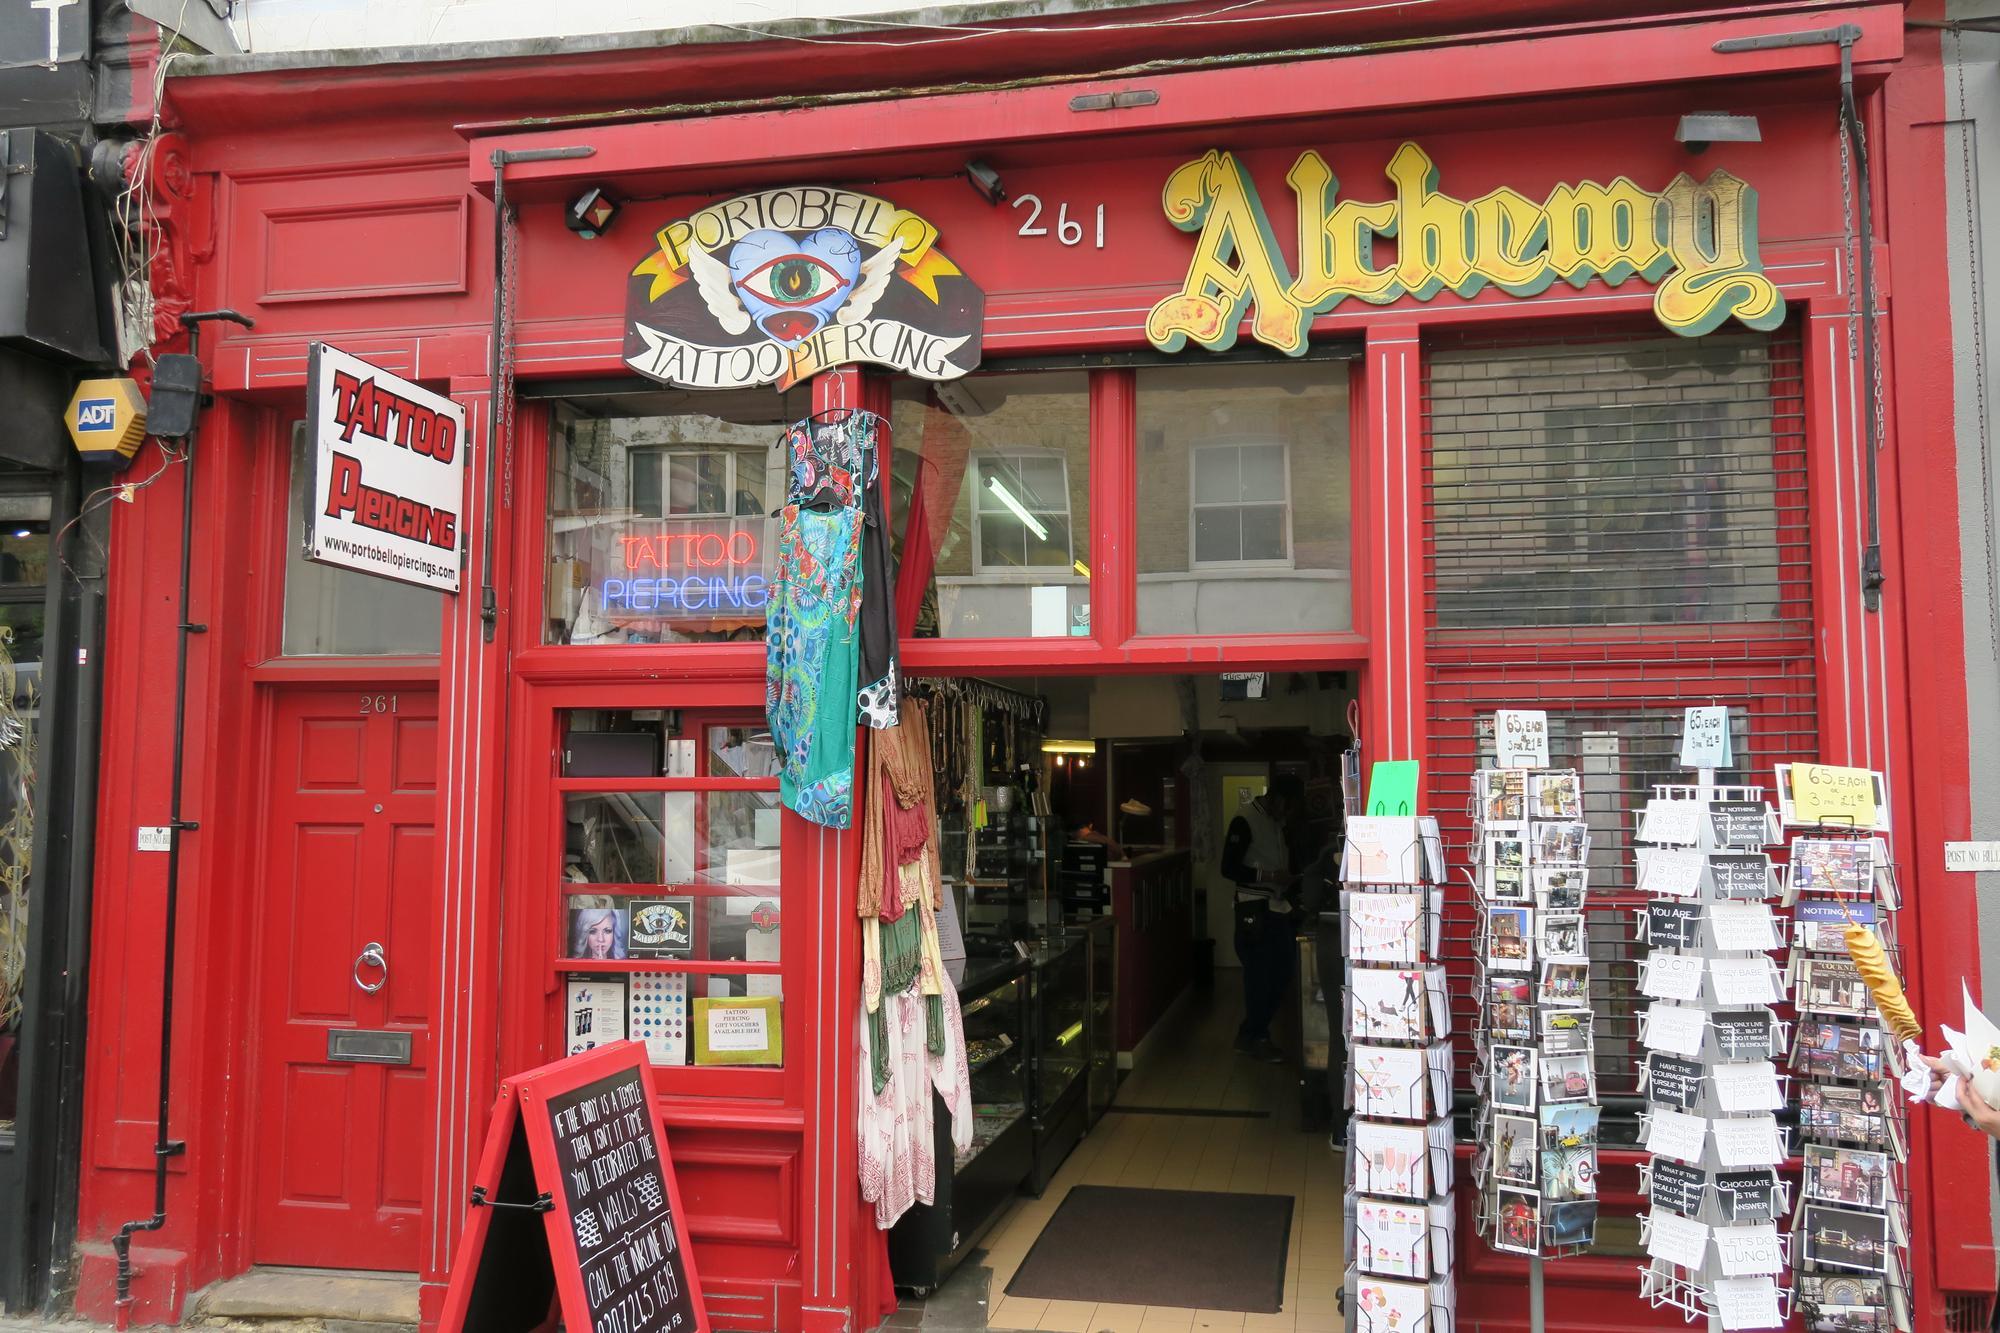 Lee Harris, ISMOKE Meets Lee Harris Owner of London's Oldest Head Shop